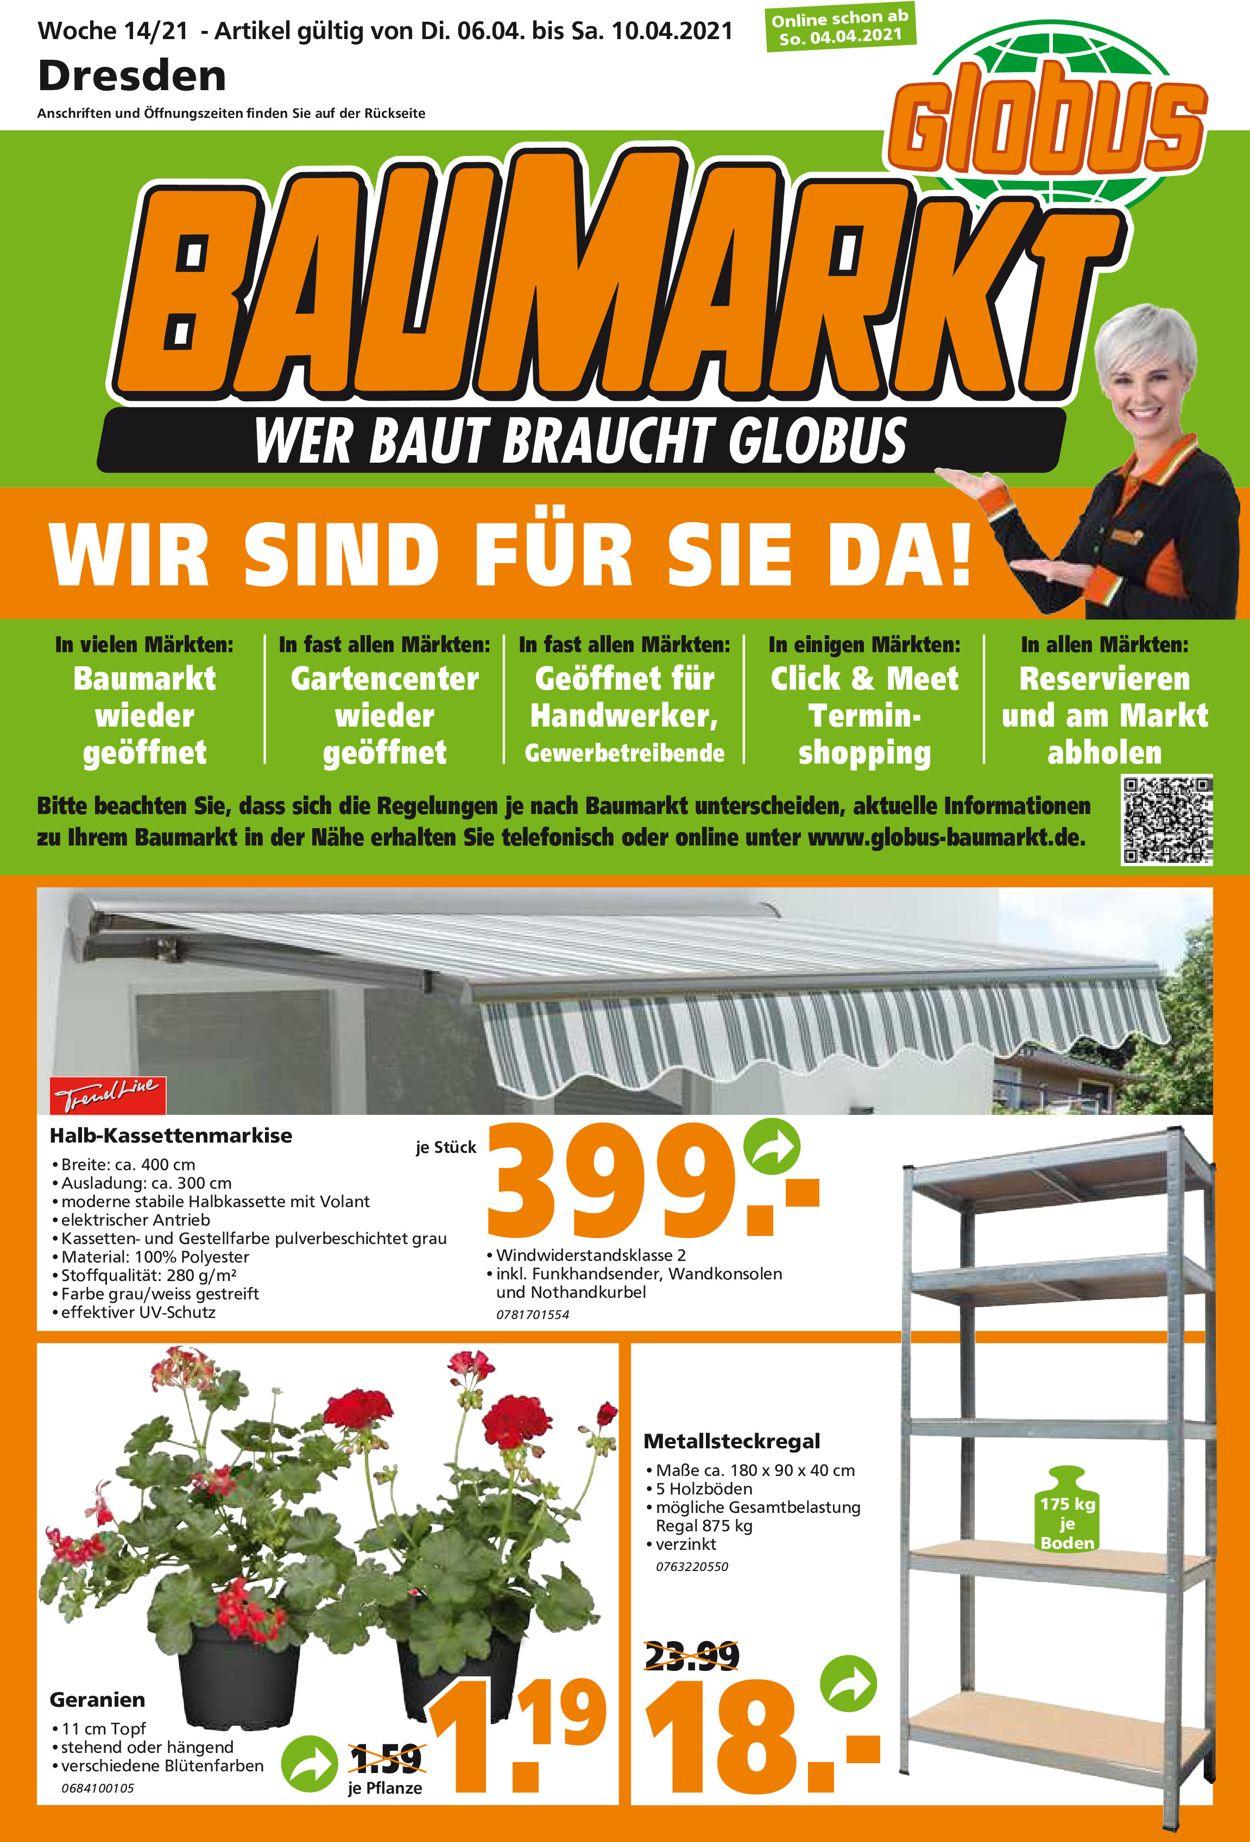 Globus Baumarkt Prospekt - Aktuell vom 06.04-10.04.2021